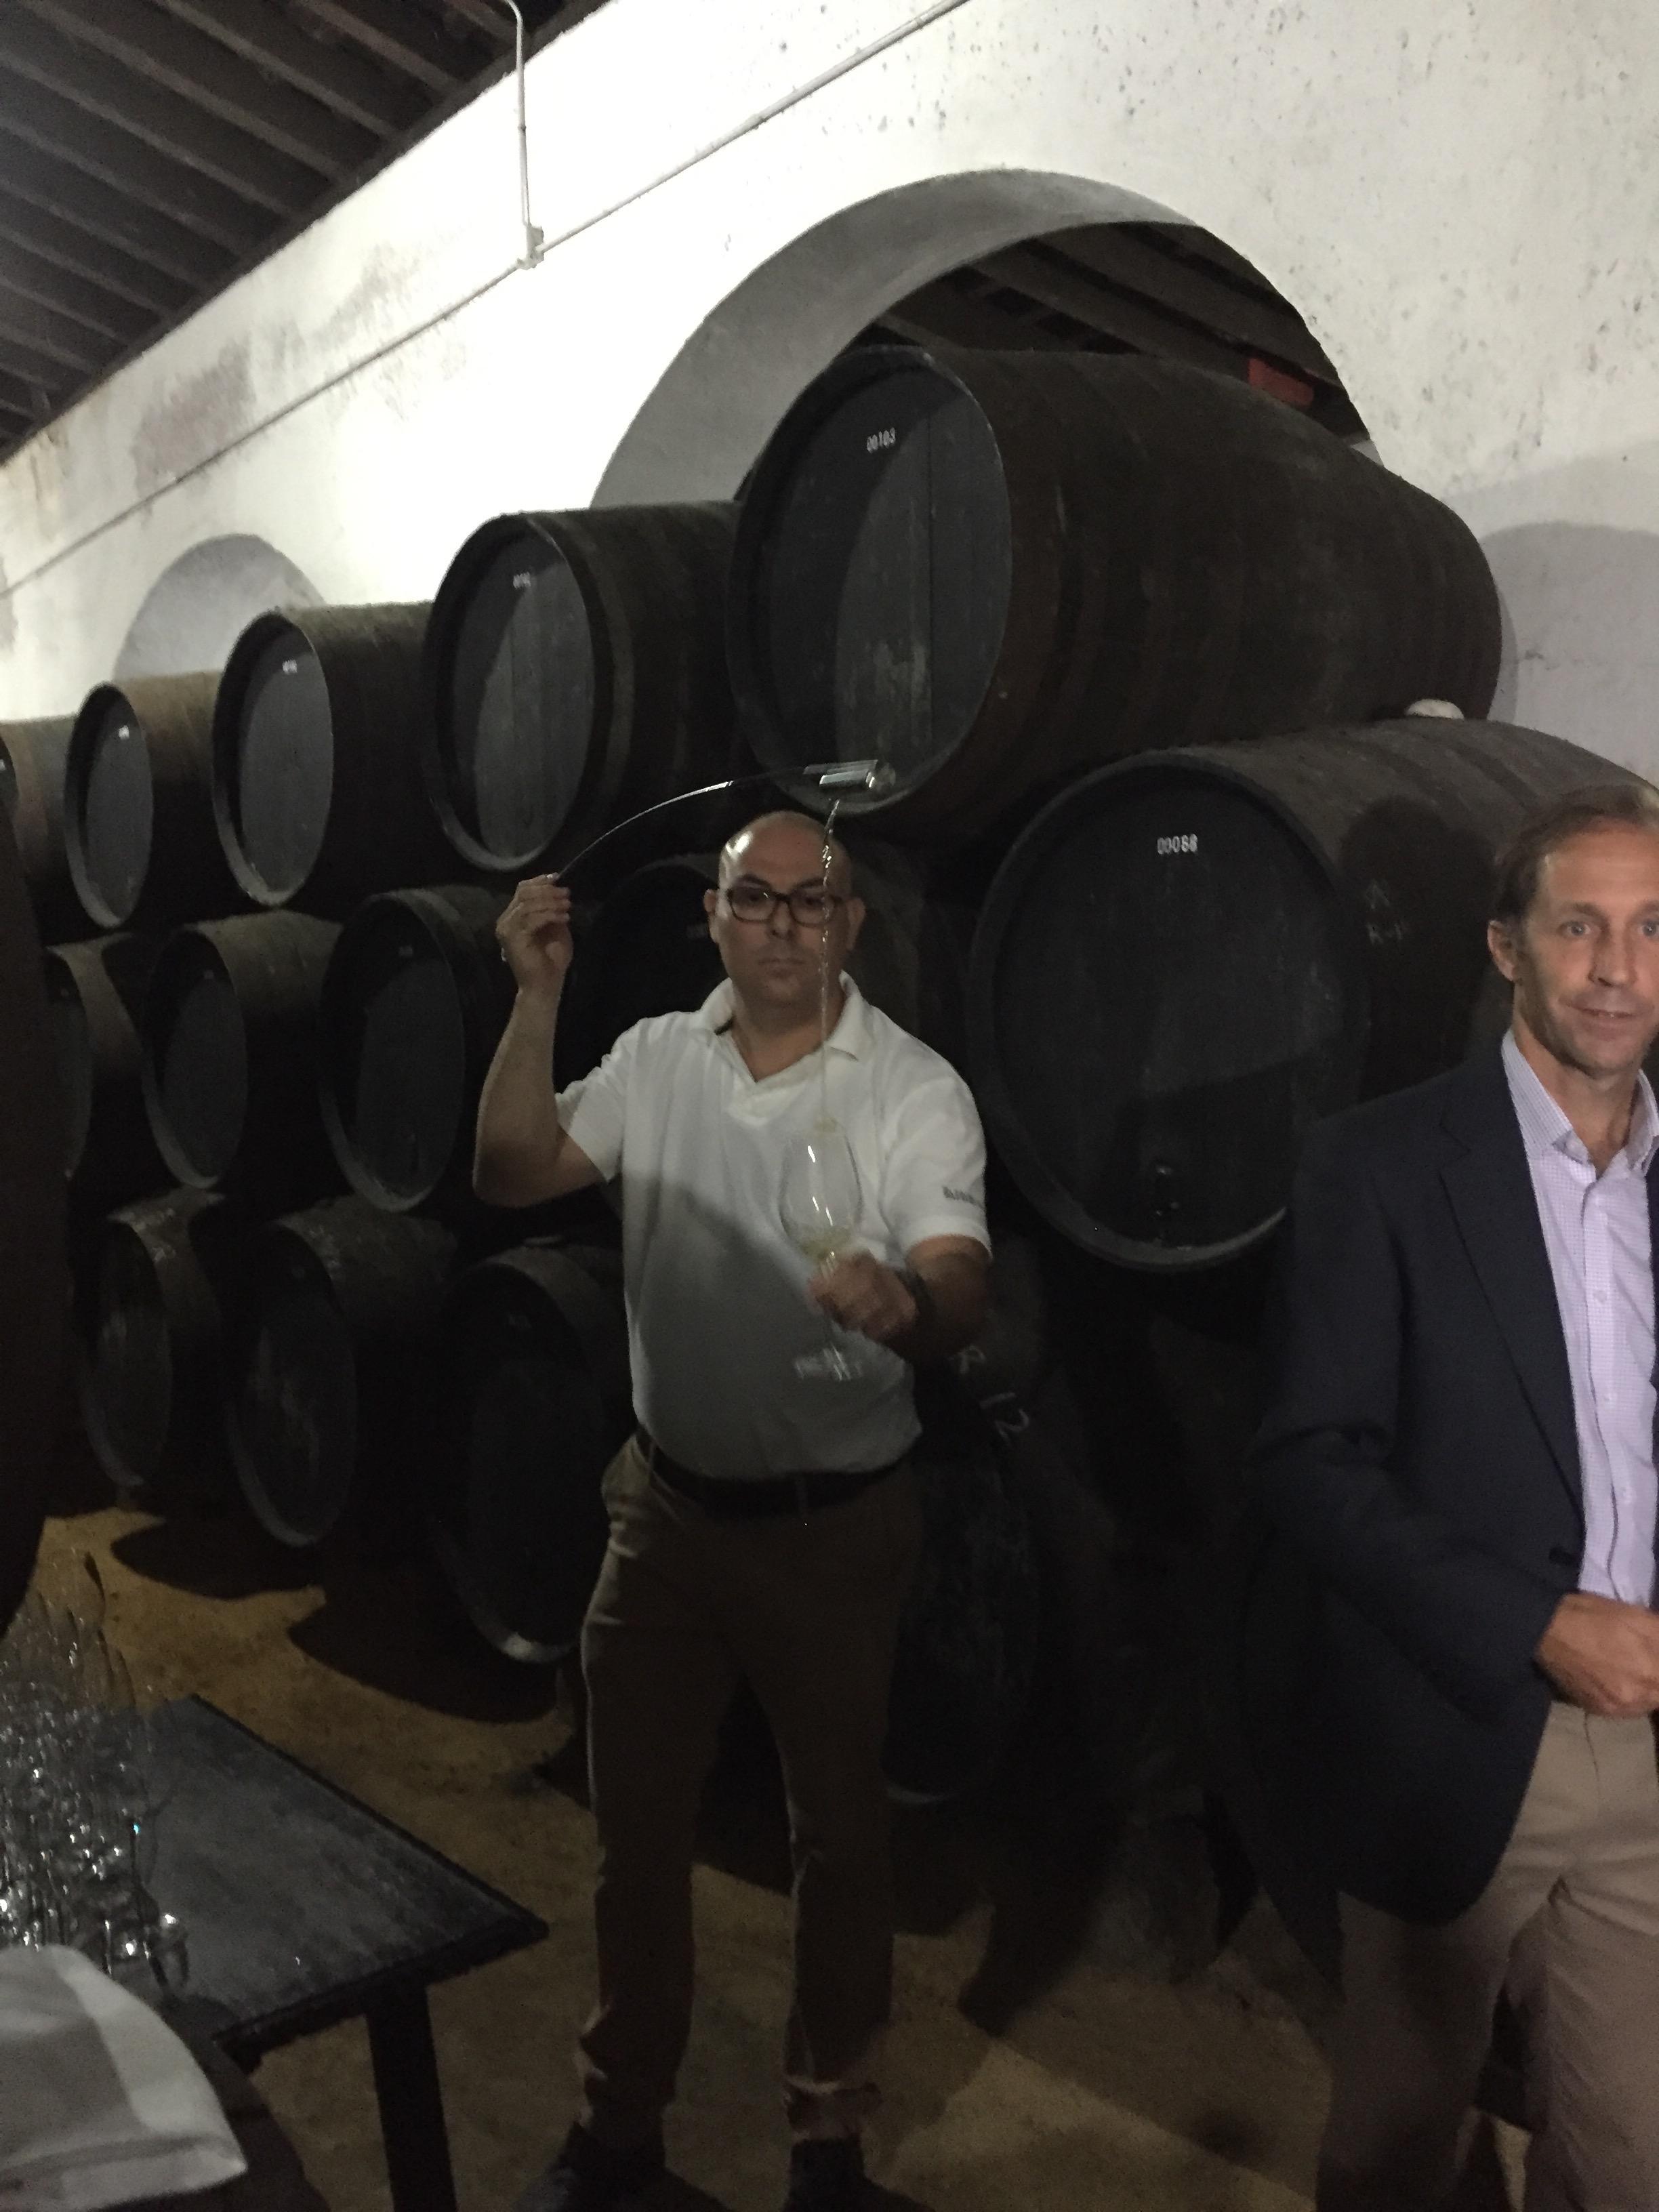 西班牙雪莉酒官方认证讲师之旅第9张-葡萄酒博客